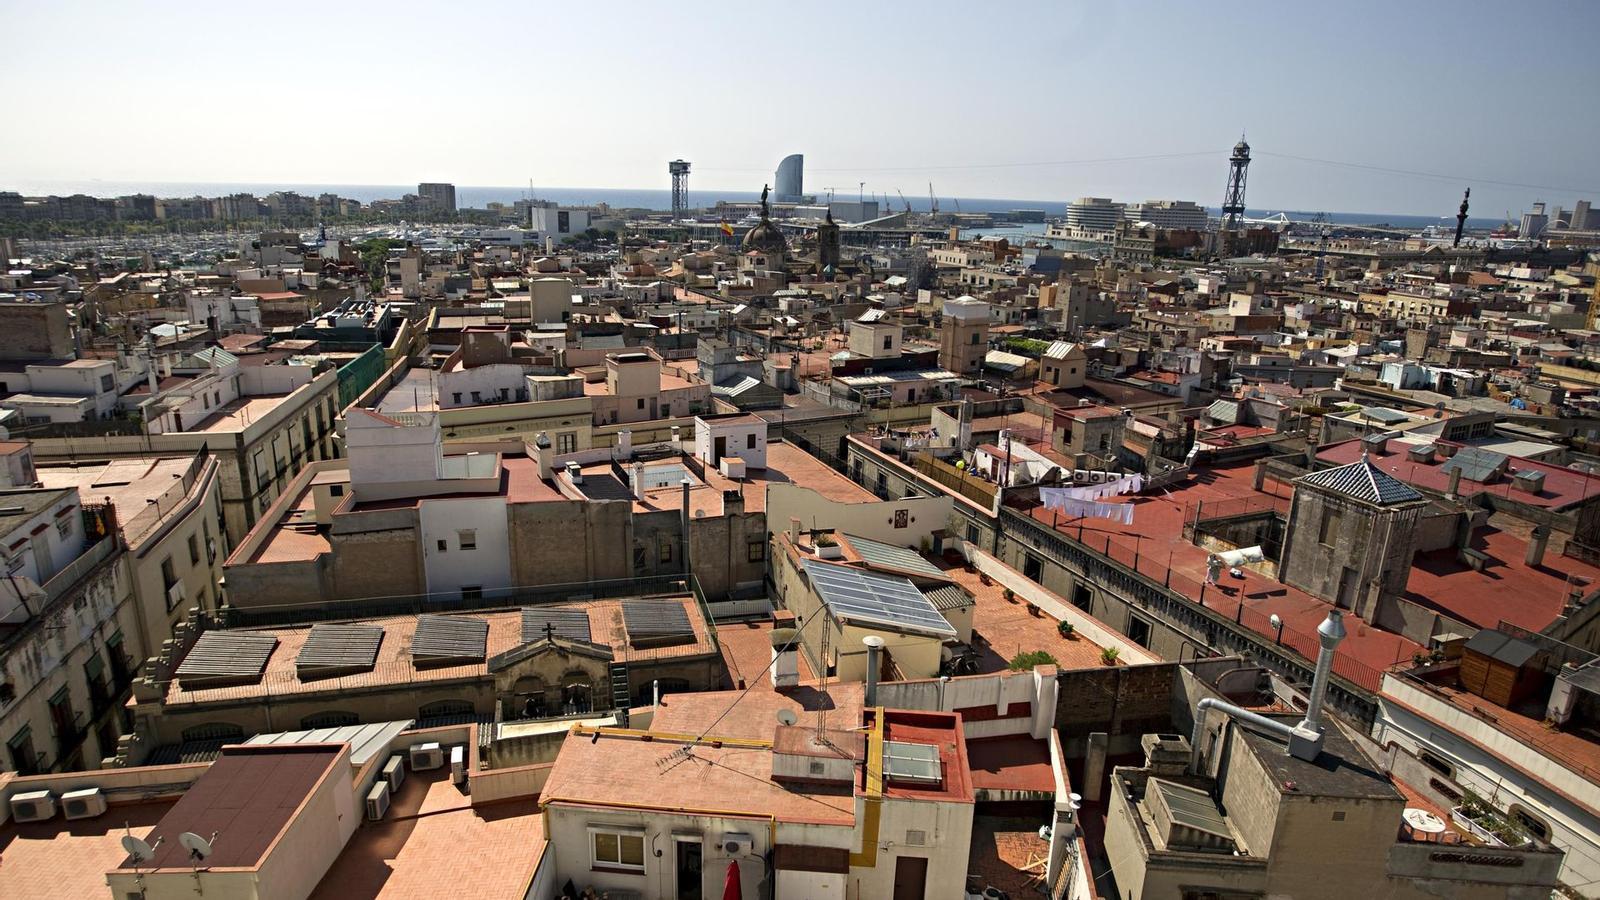 Barcelona condiciona els ajuts per rehabilitar edificis a l'índex de referència de preus de lloguer